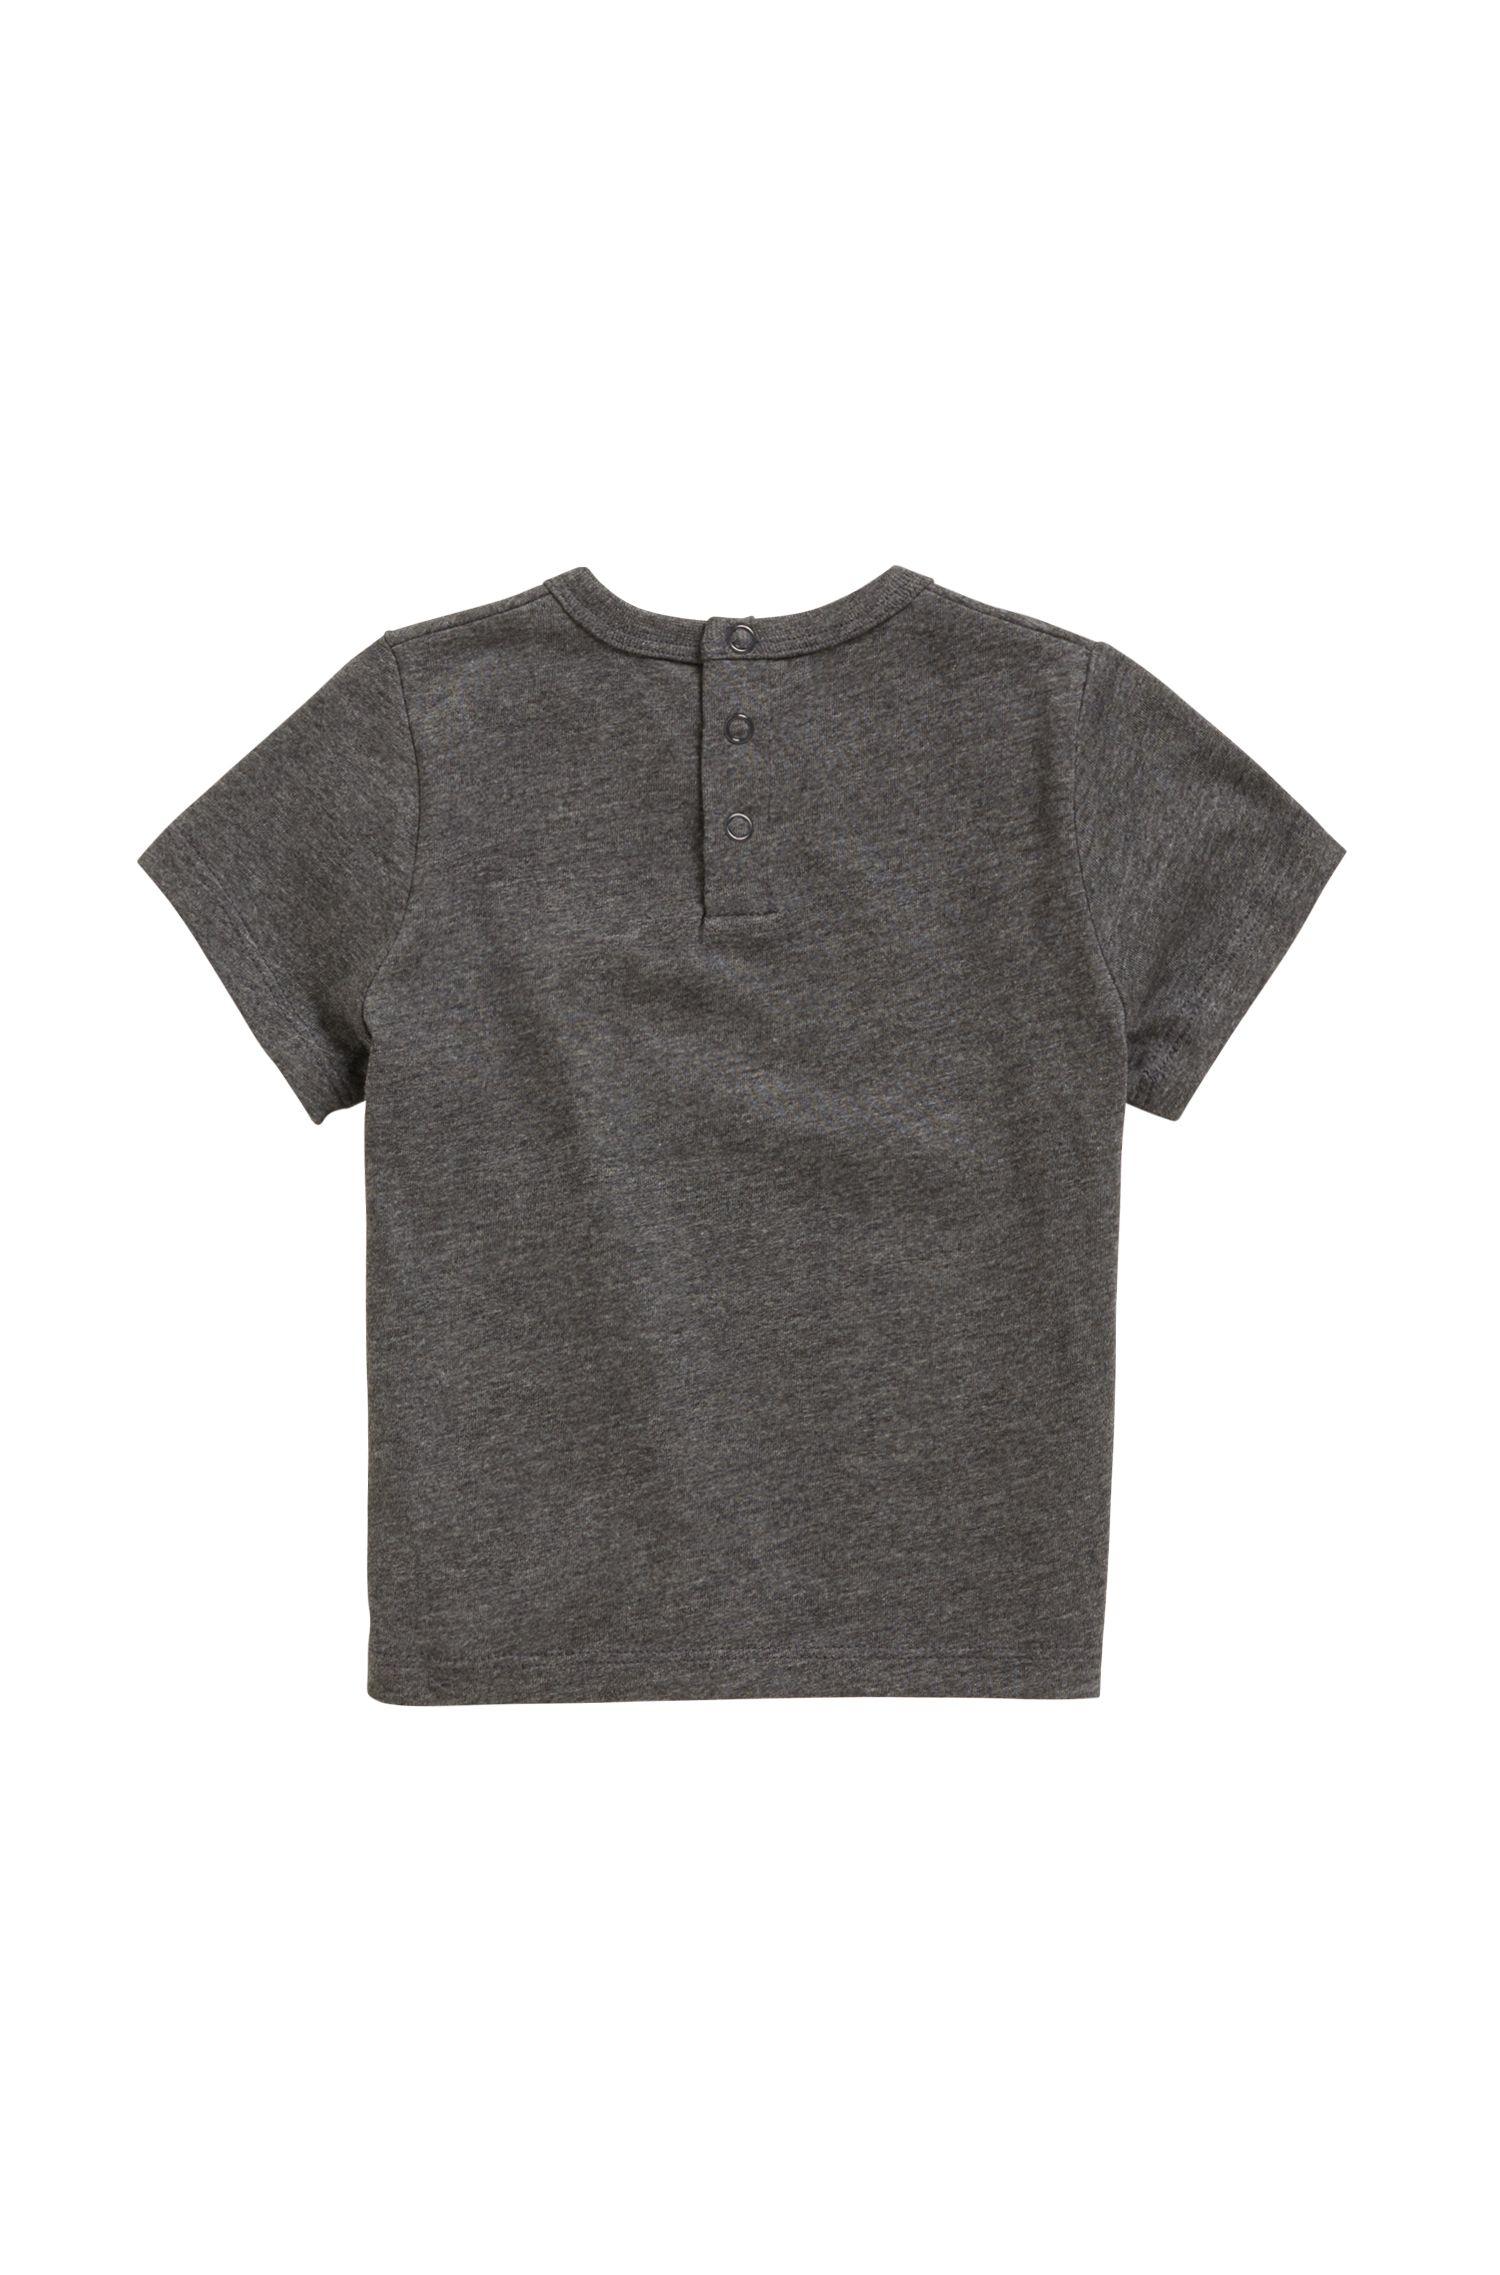 Kinder-T-shirt van katoenen jersey met logoprint, Antraciet